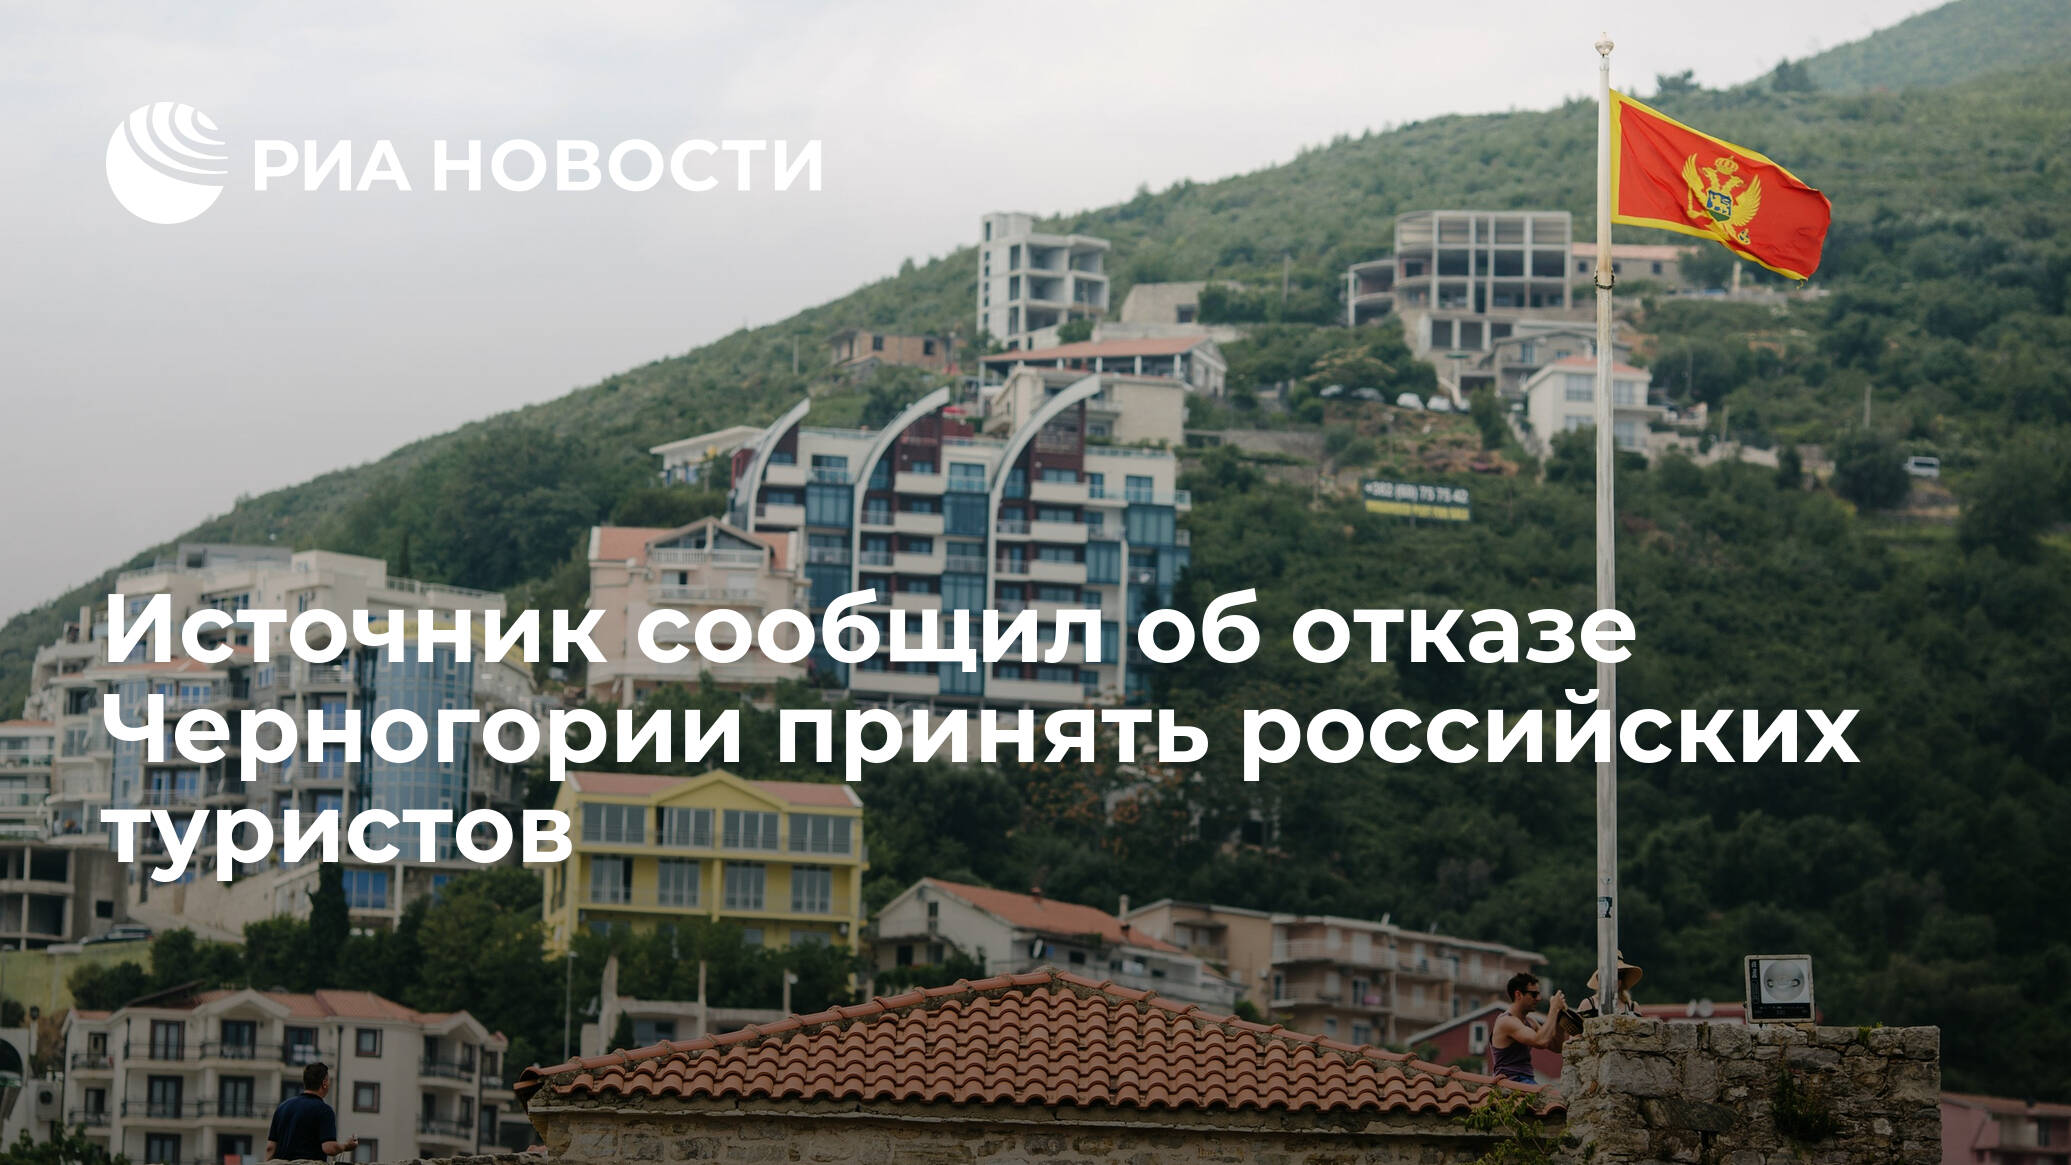 Источник сообщил об отказе Черногории принять российских туристов